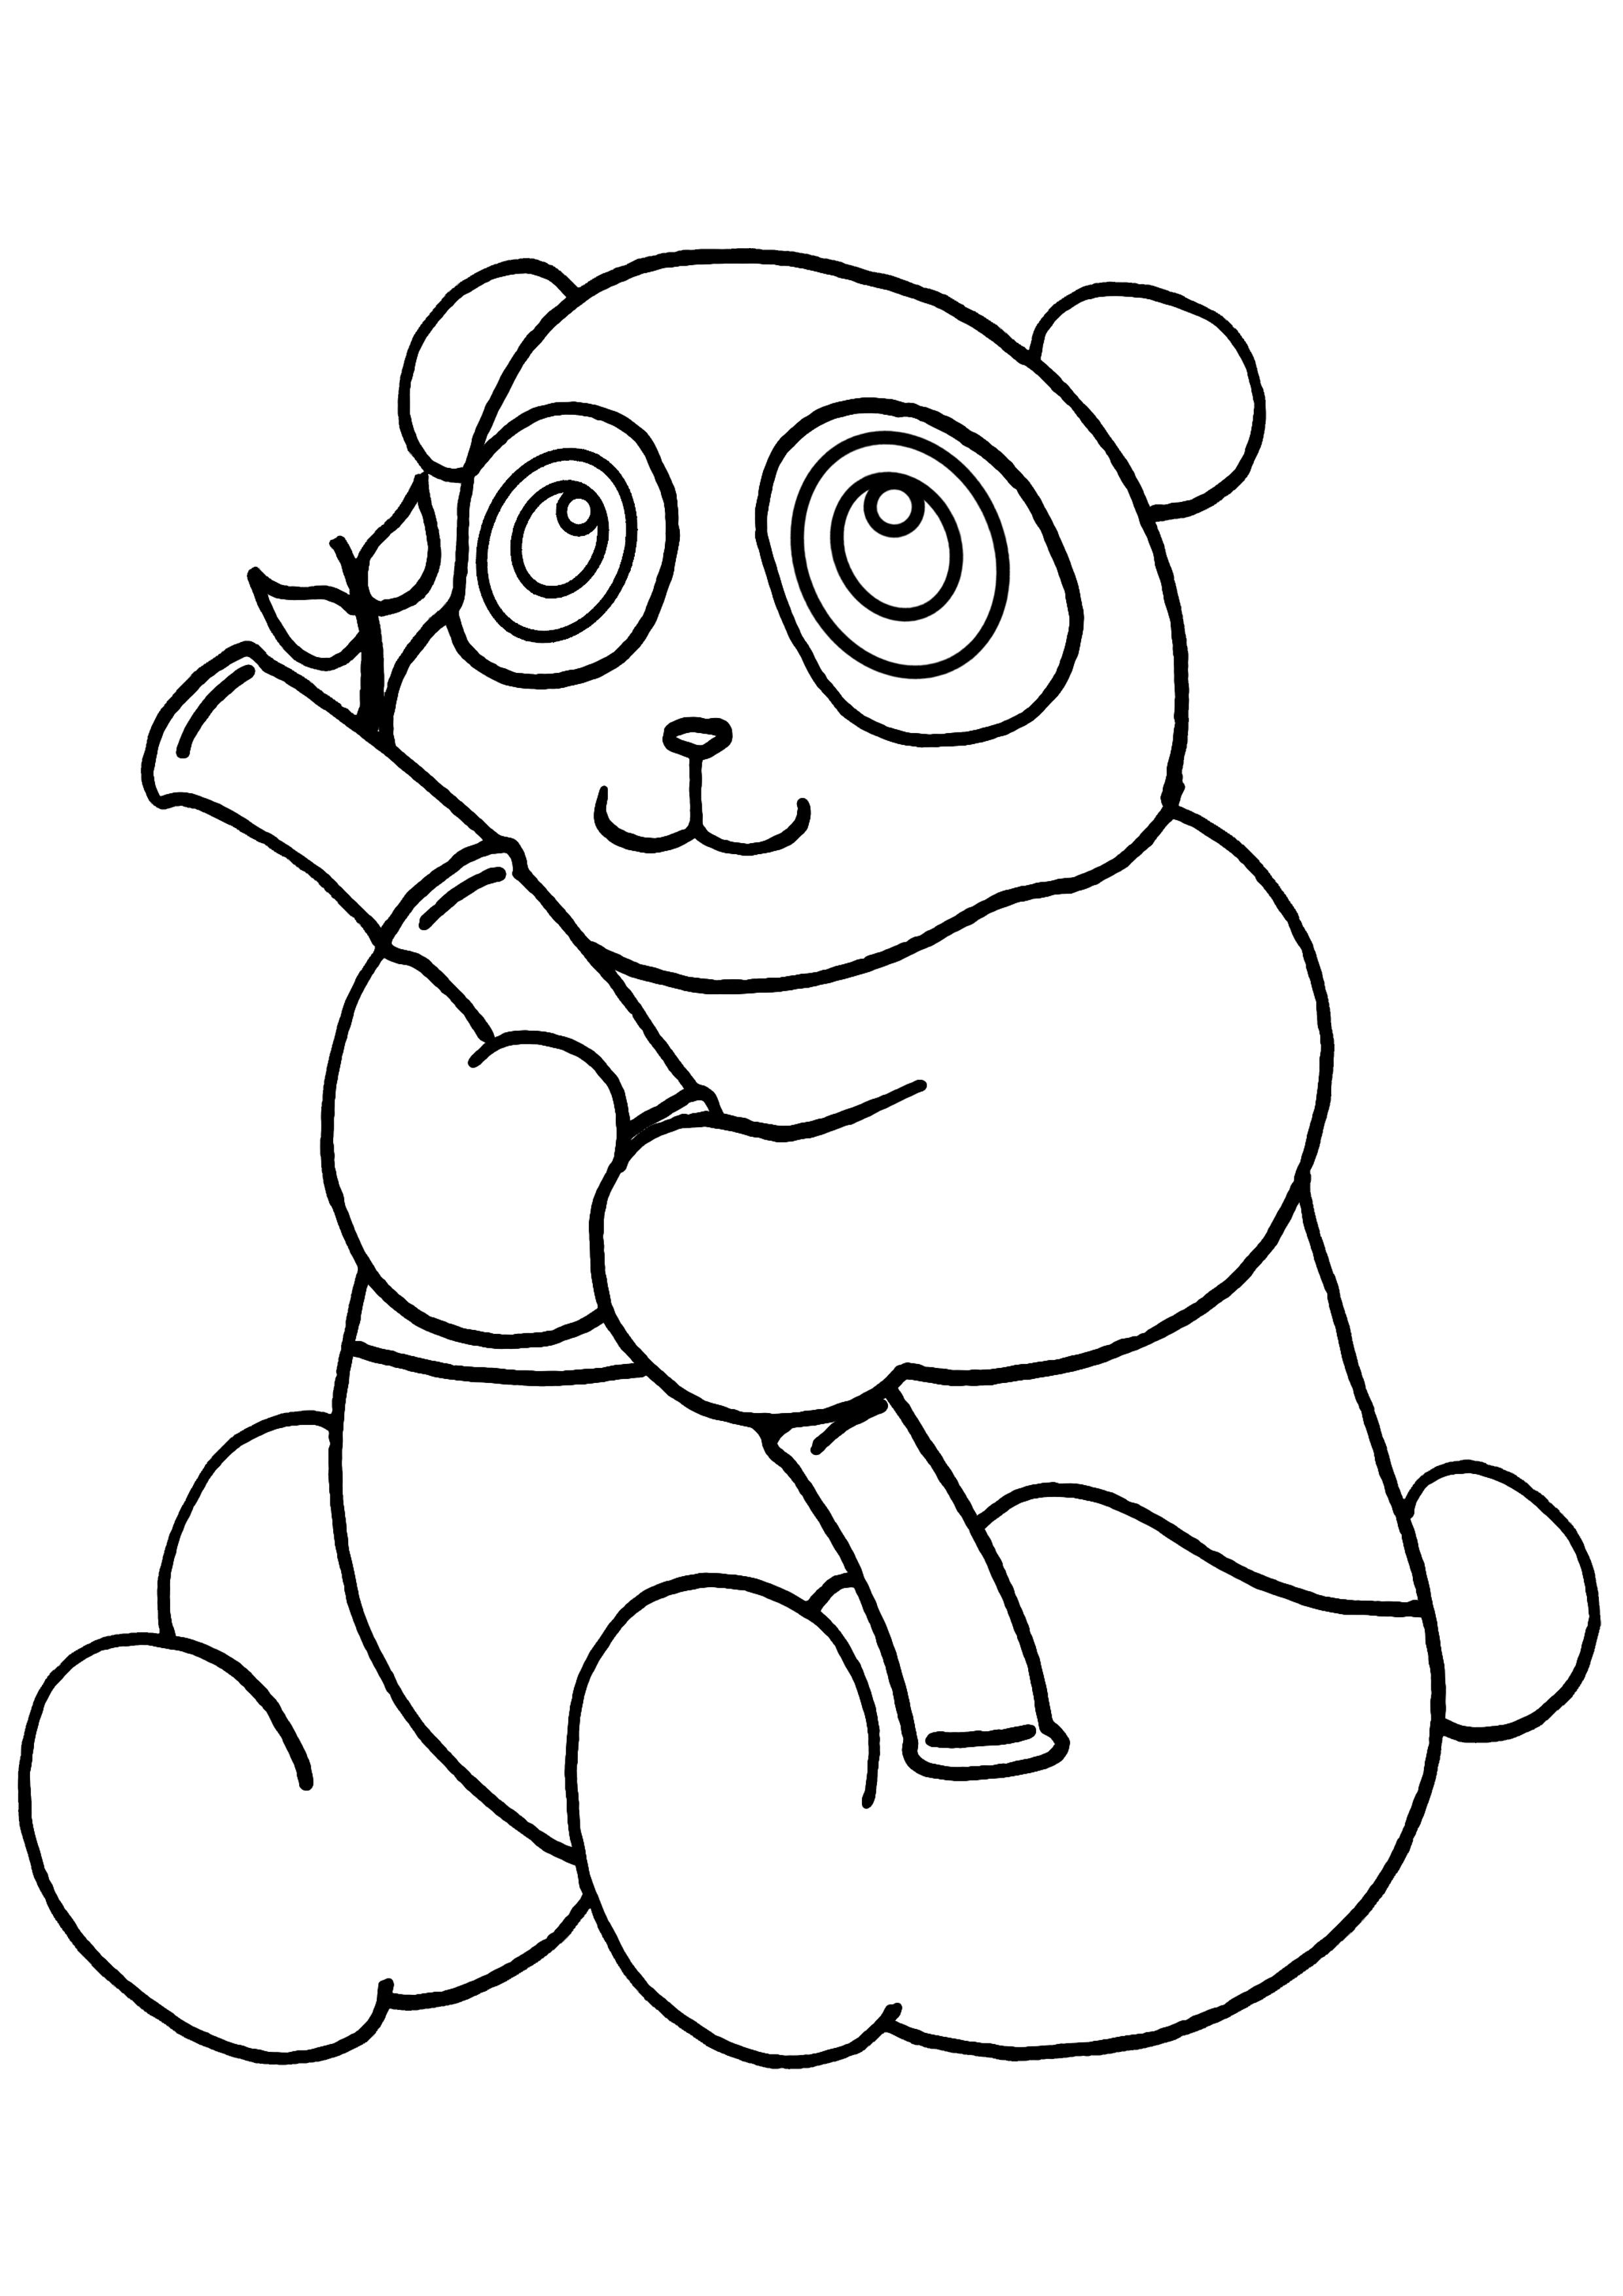 Coloriages à imprimer : Koala, numéro : 7e31d483